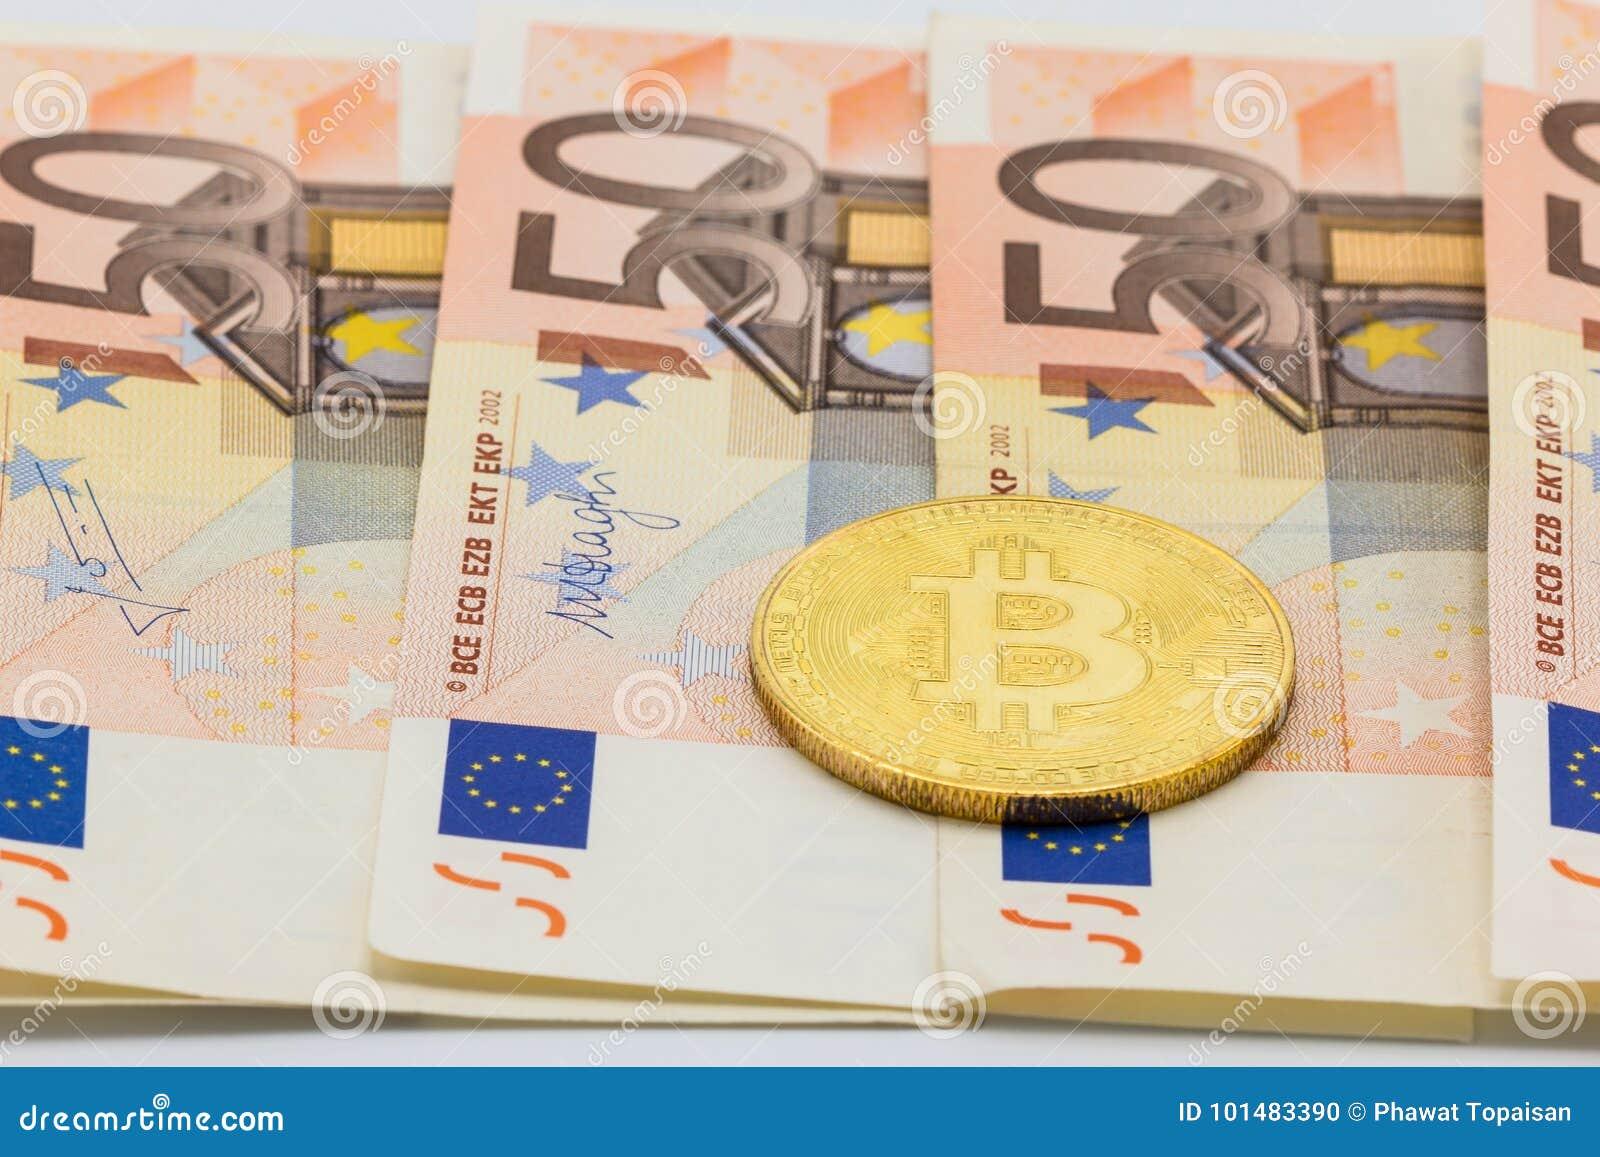 50 euro in bitcoin